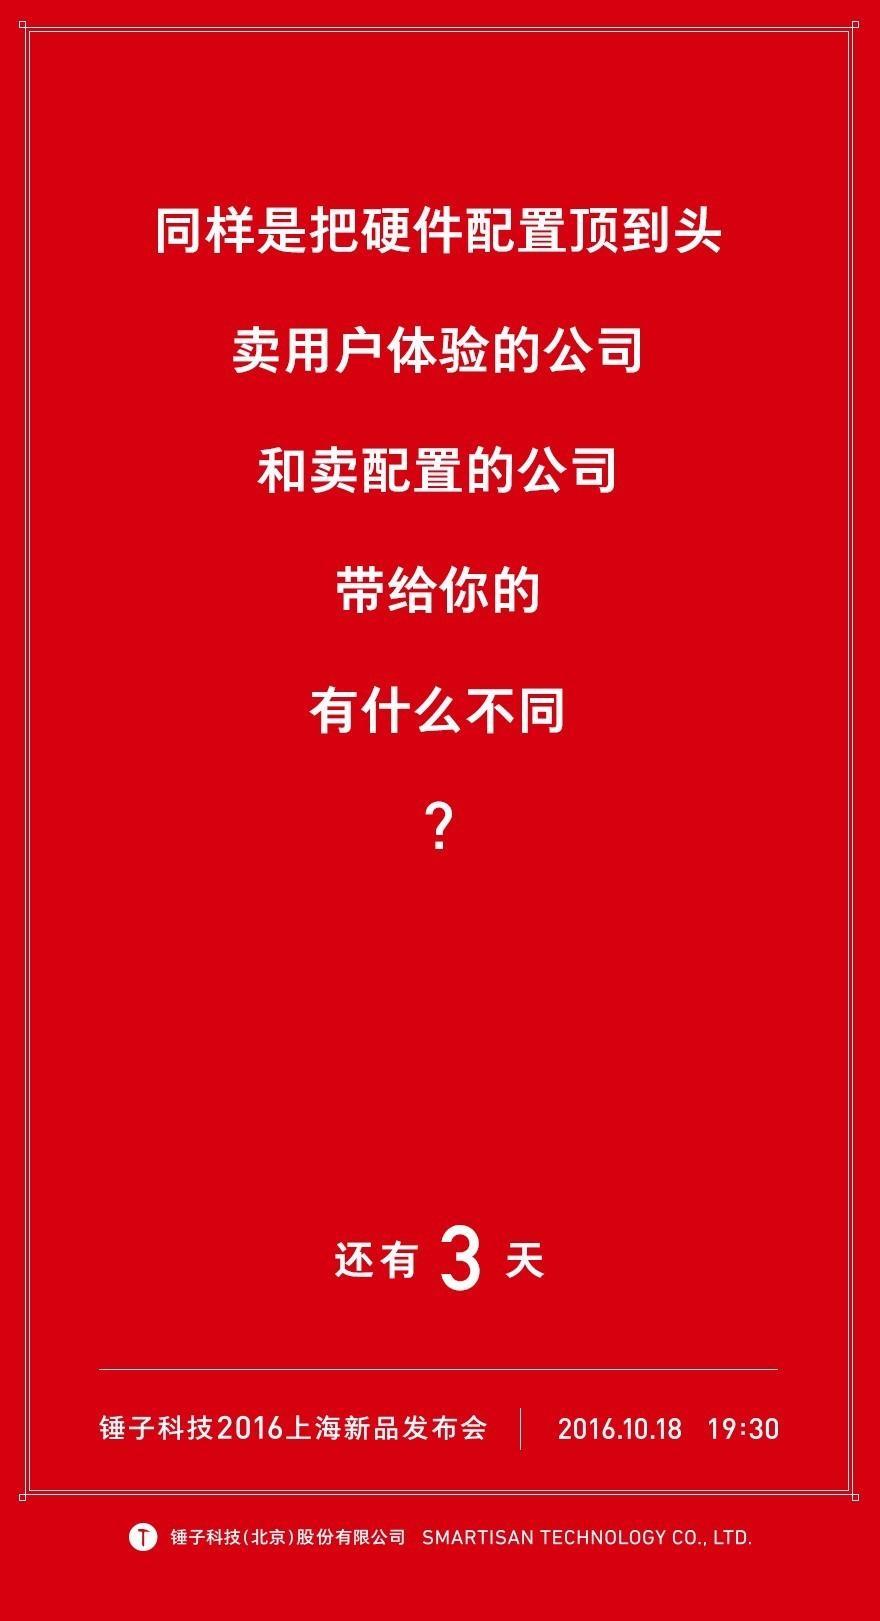 距离锤子科技 2016 上海新品发布会还有 3 天